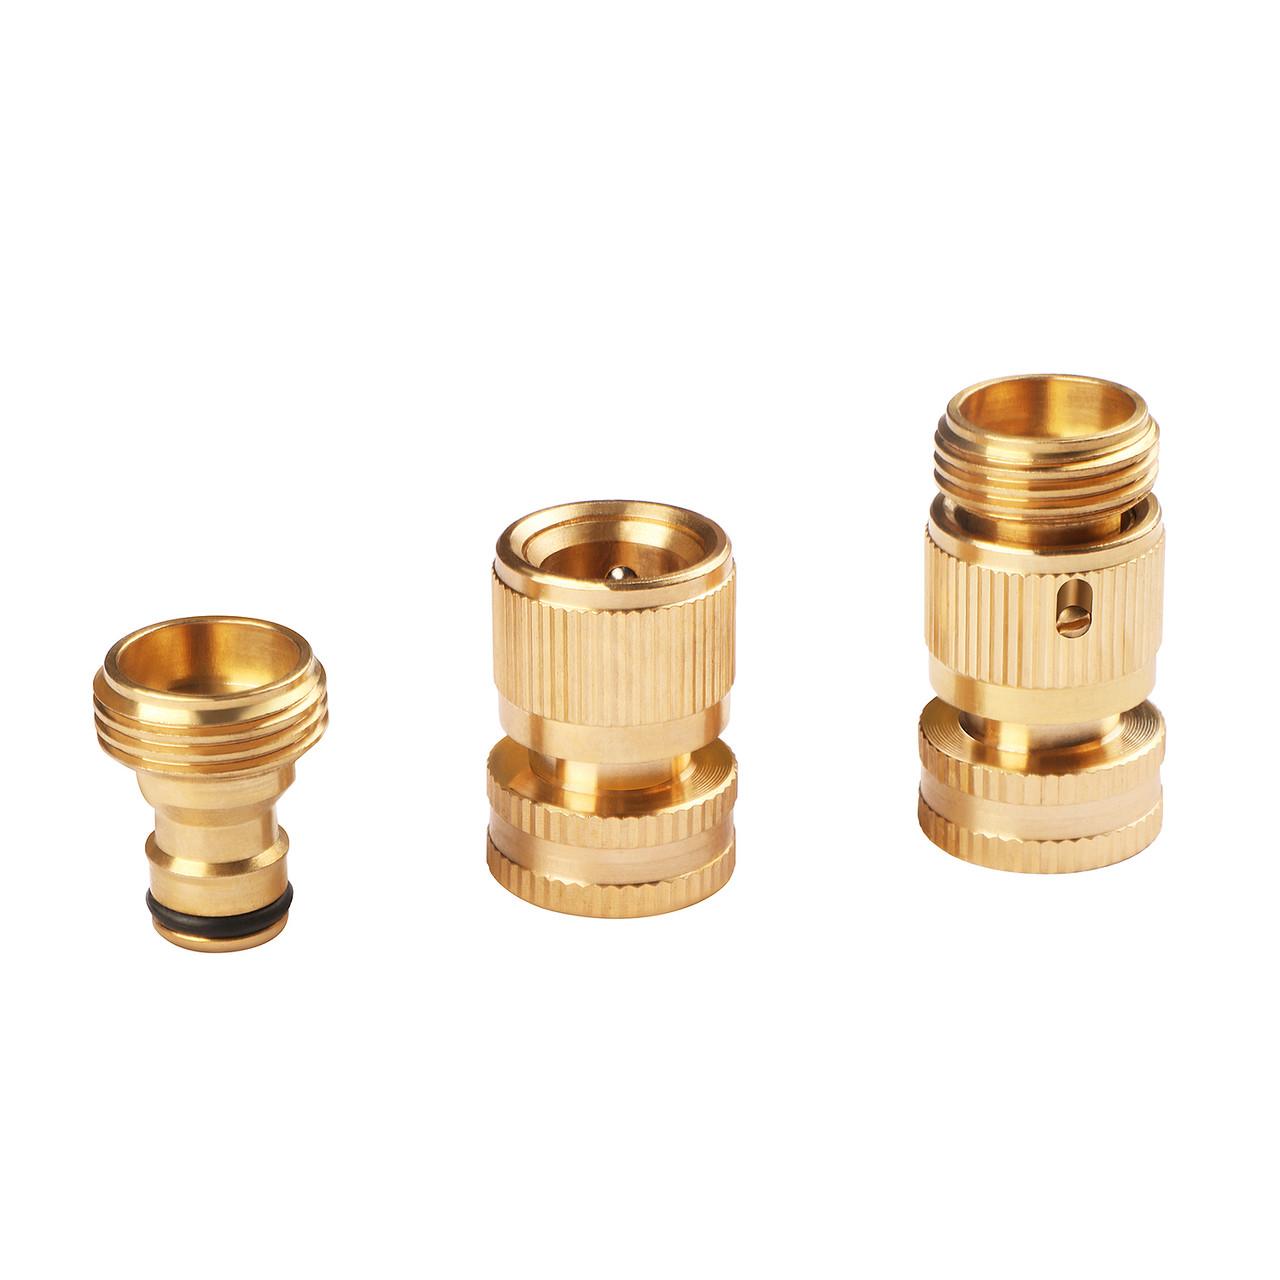 U.S. Solid Garden Hose Quick Connector, Solid Brass Quick Connect, Garden Hose Fitting, 3/4 inch GHT, 3 pcs